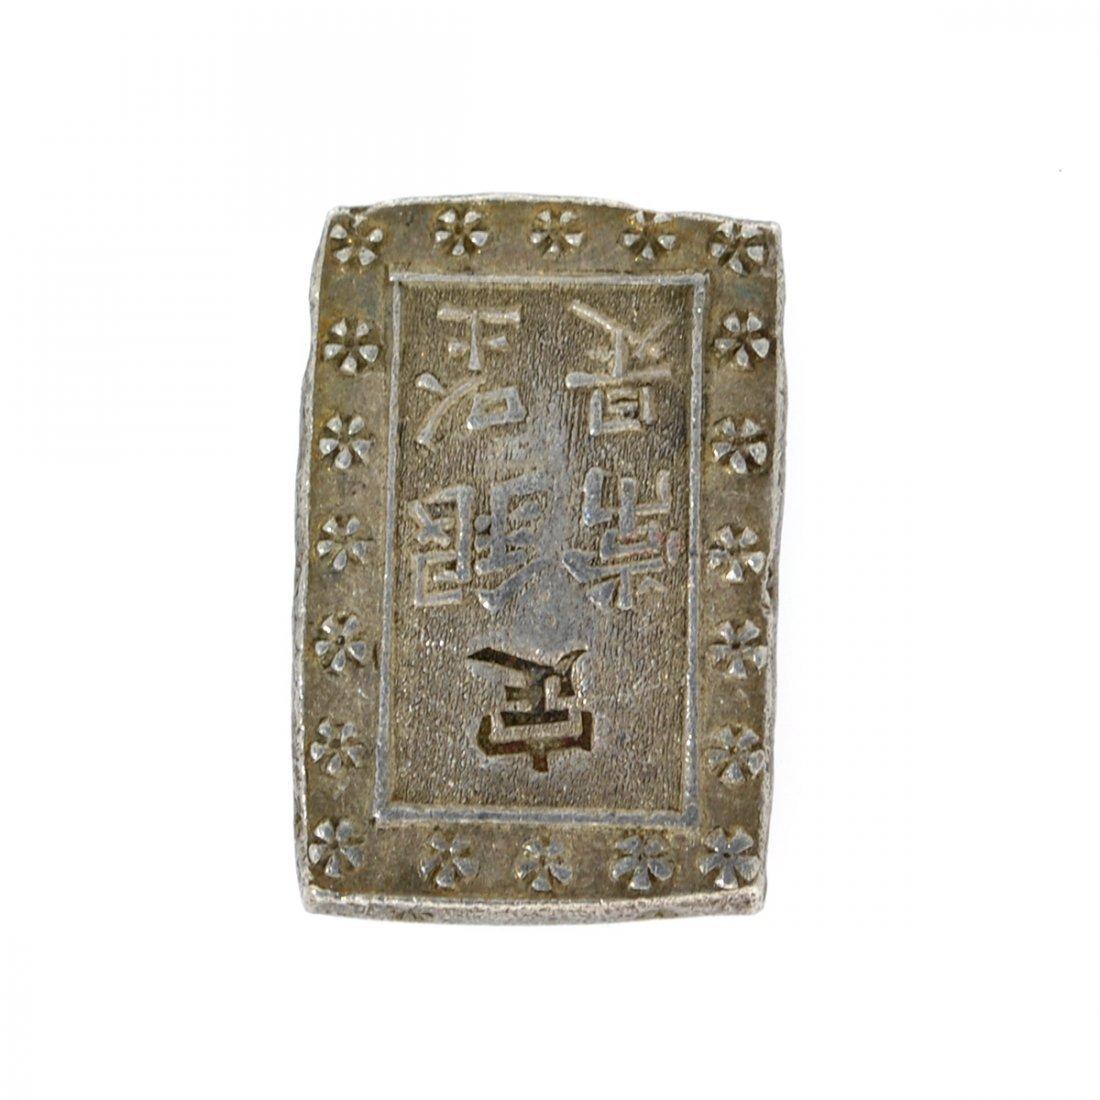 Rare 1853-1865 Japannese Shu Samurai Era Silver Bar - 2